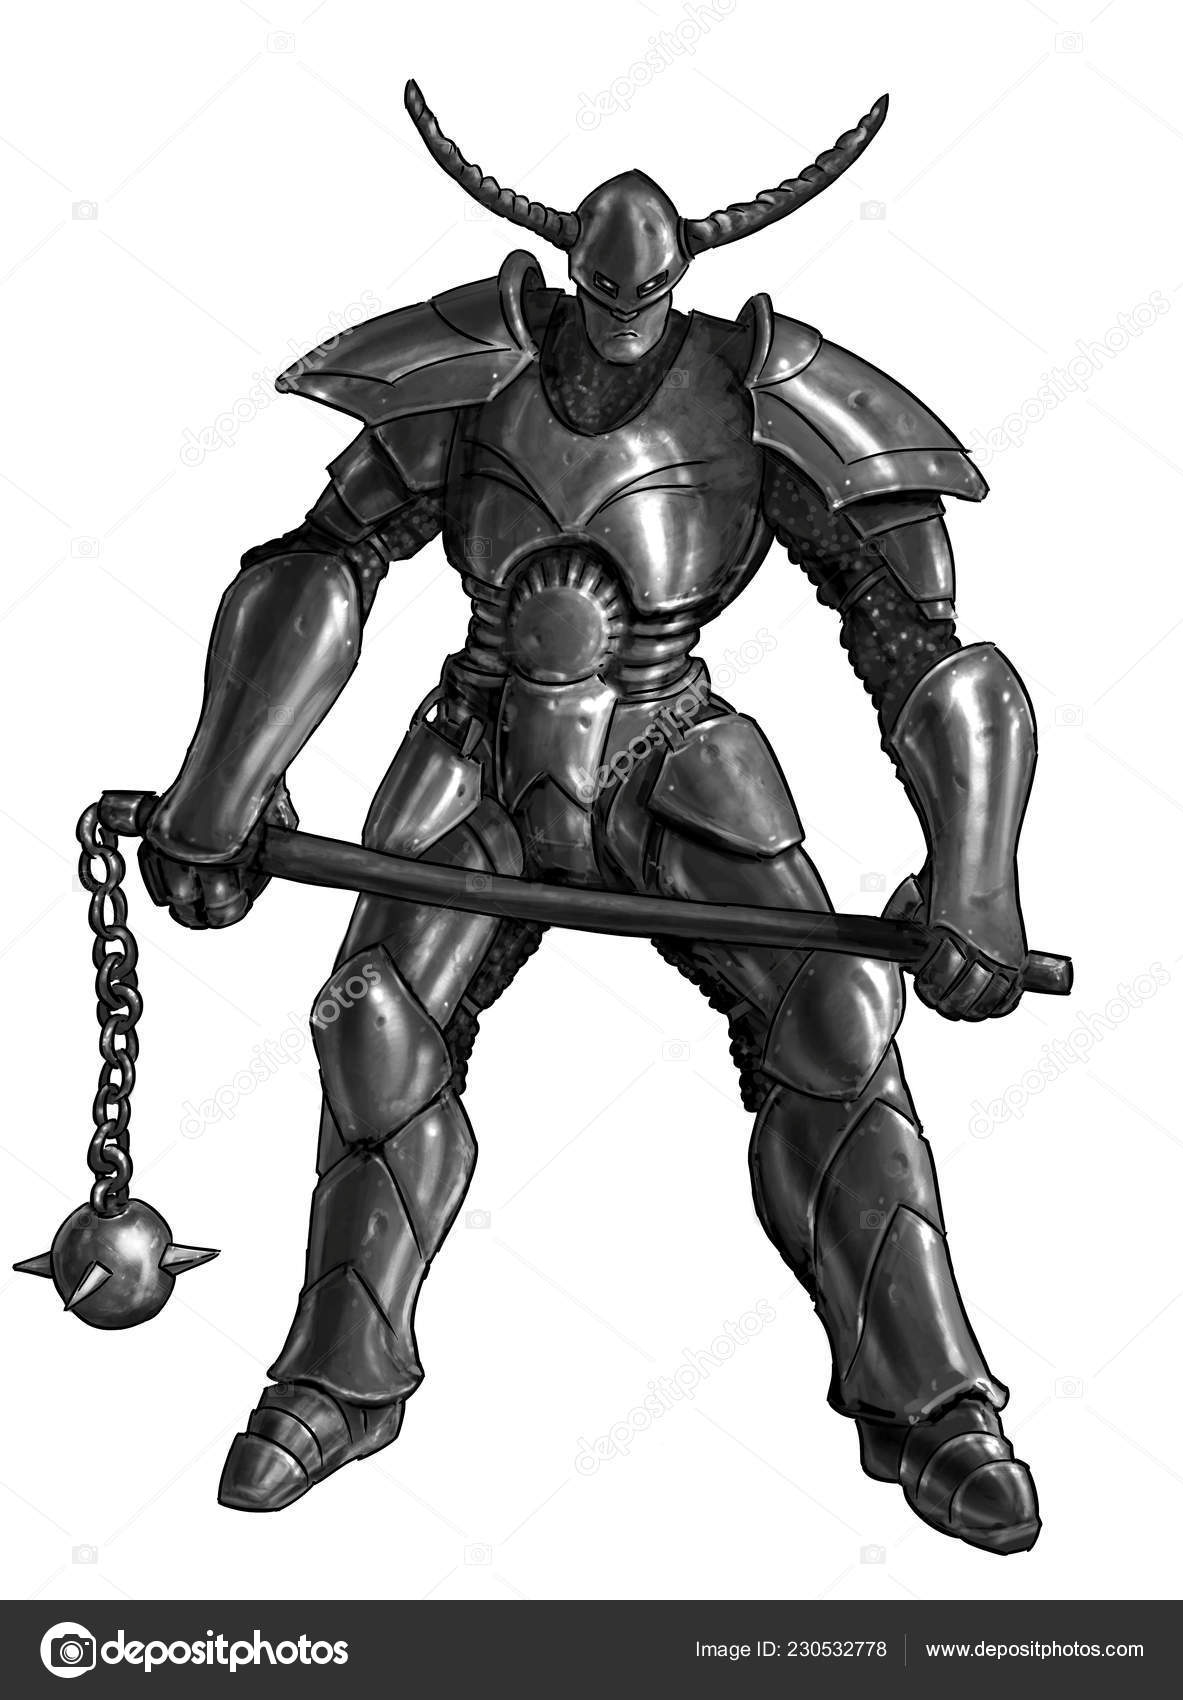 Fantasy Armor Art